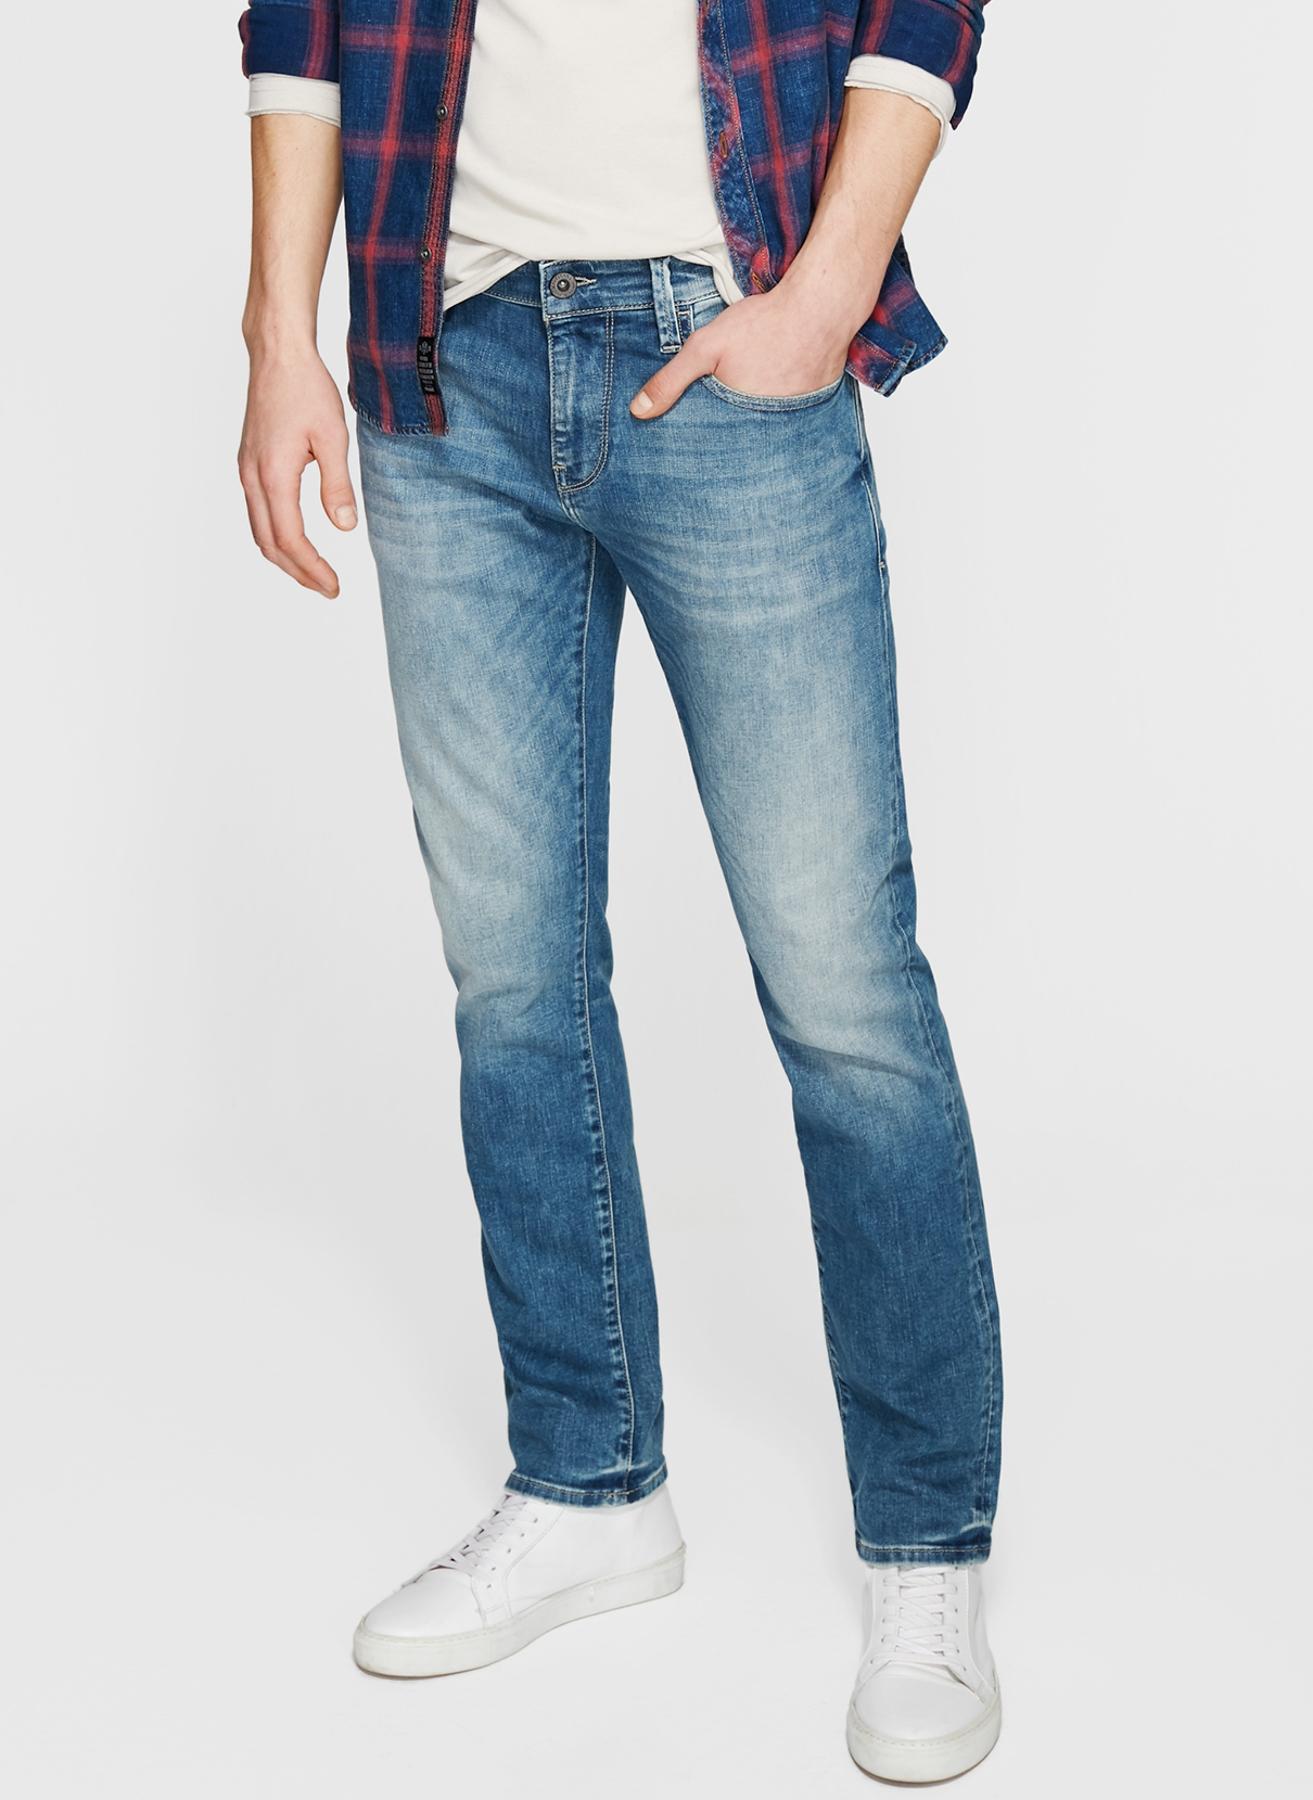 Mavi Marcus Amerika Mavi Klasik Pantolon 31-30 5000195108016 Ürün Resmi